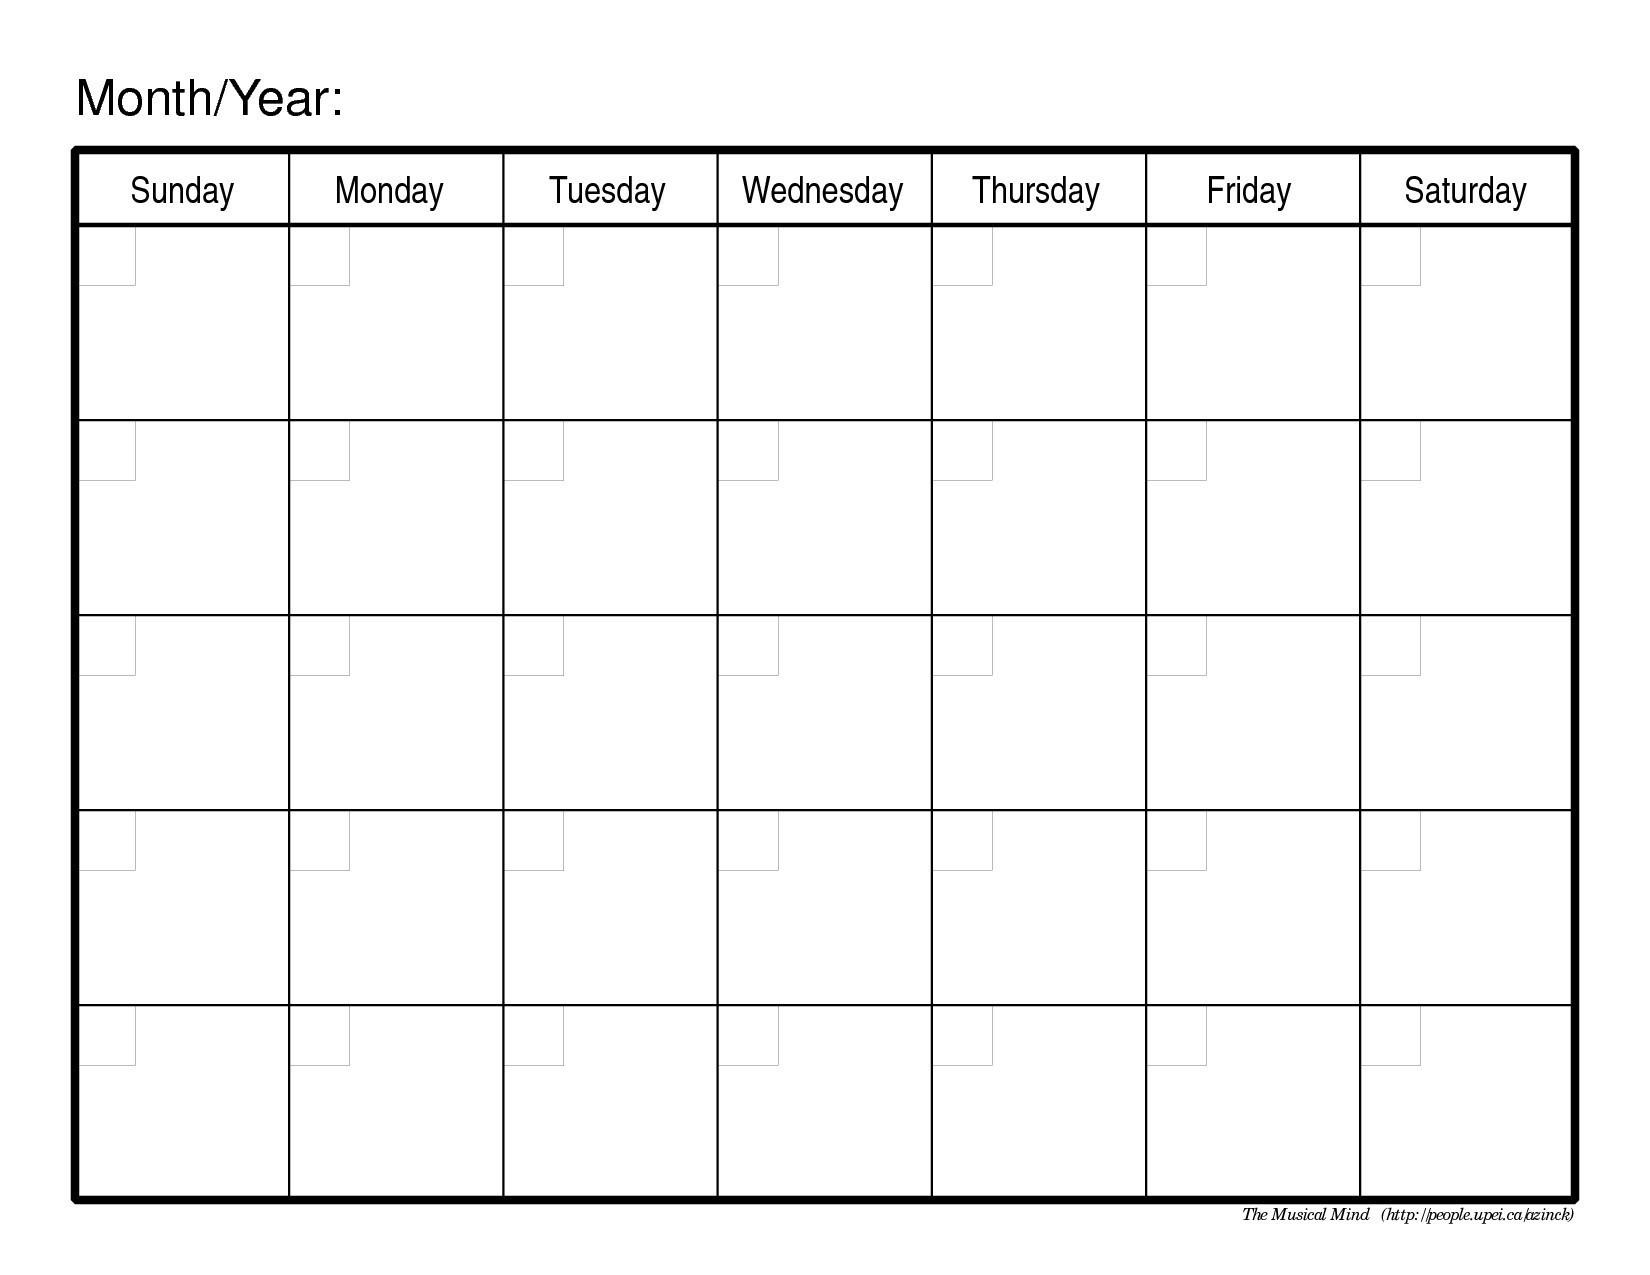 Calendario Para Imprimir Gratis Junio 2017 Más Caliente Noticias Calendario Para Imprimir 2017 Excel Of Calendario Para Imprimir Gratis Junio 2017 Más Populares Calendario Para Imprimir 2019 Enero Calendario Imprimir Enero